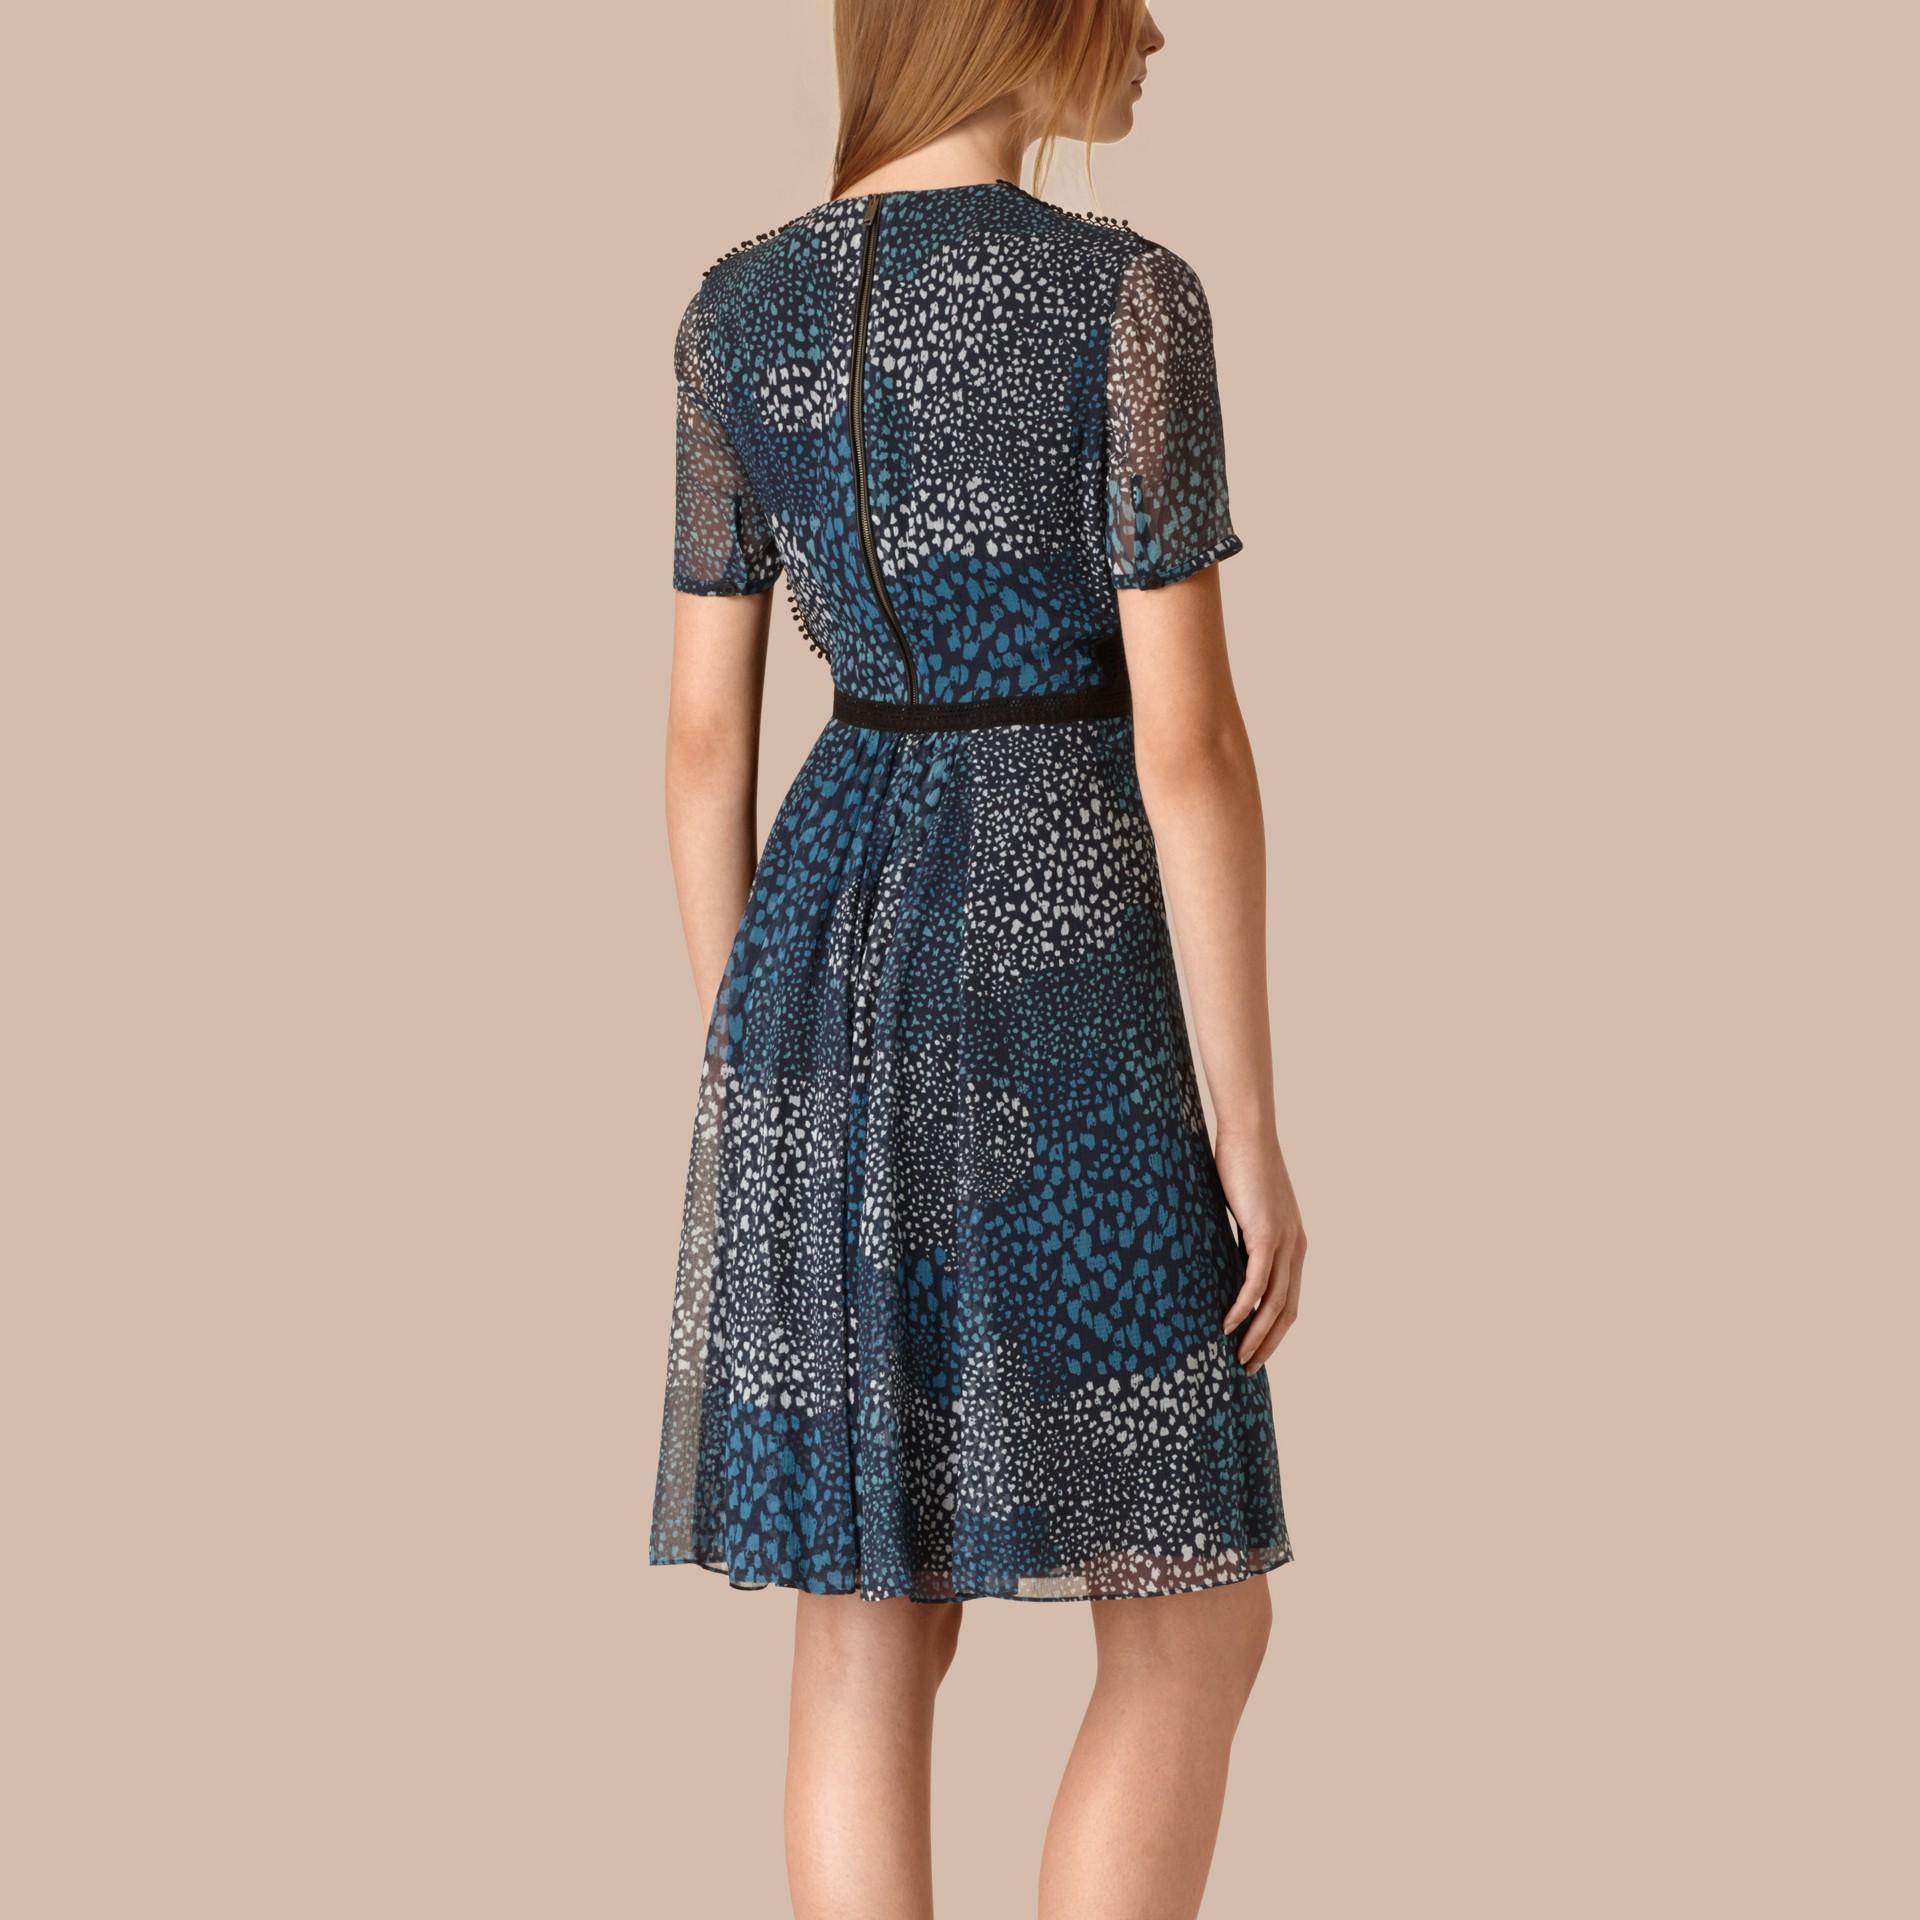 Azul nanquim Vestido de crepe de seda com detalhe de pompons - galeria de imagens 2